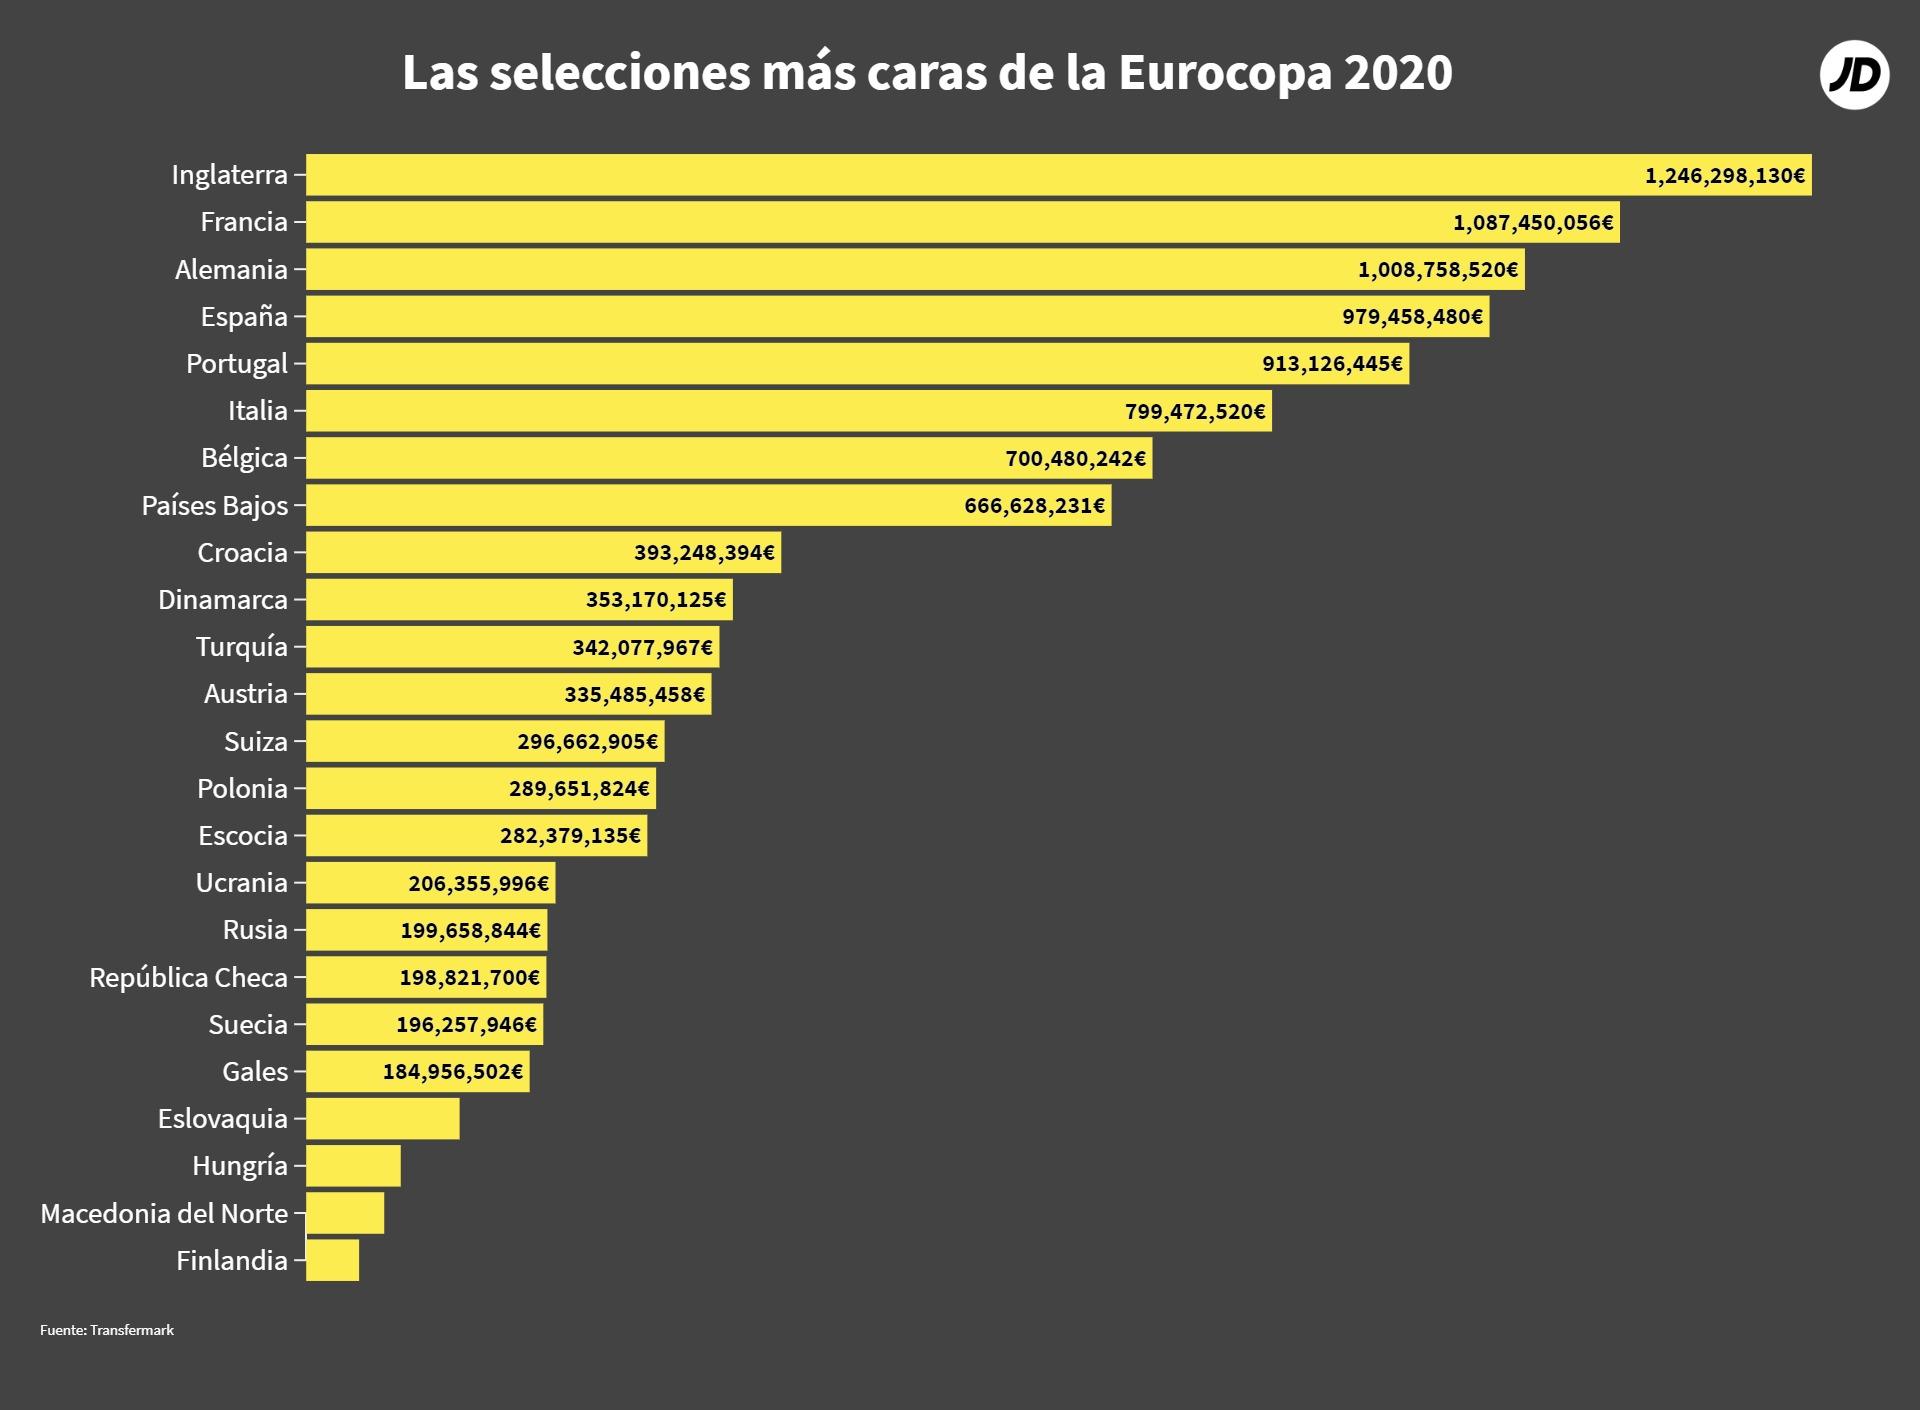 Selecciones de fútbol de la Eurocopa 2020 con más valor de mercado